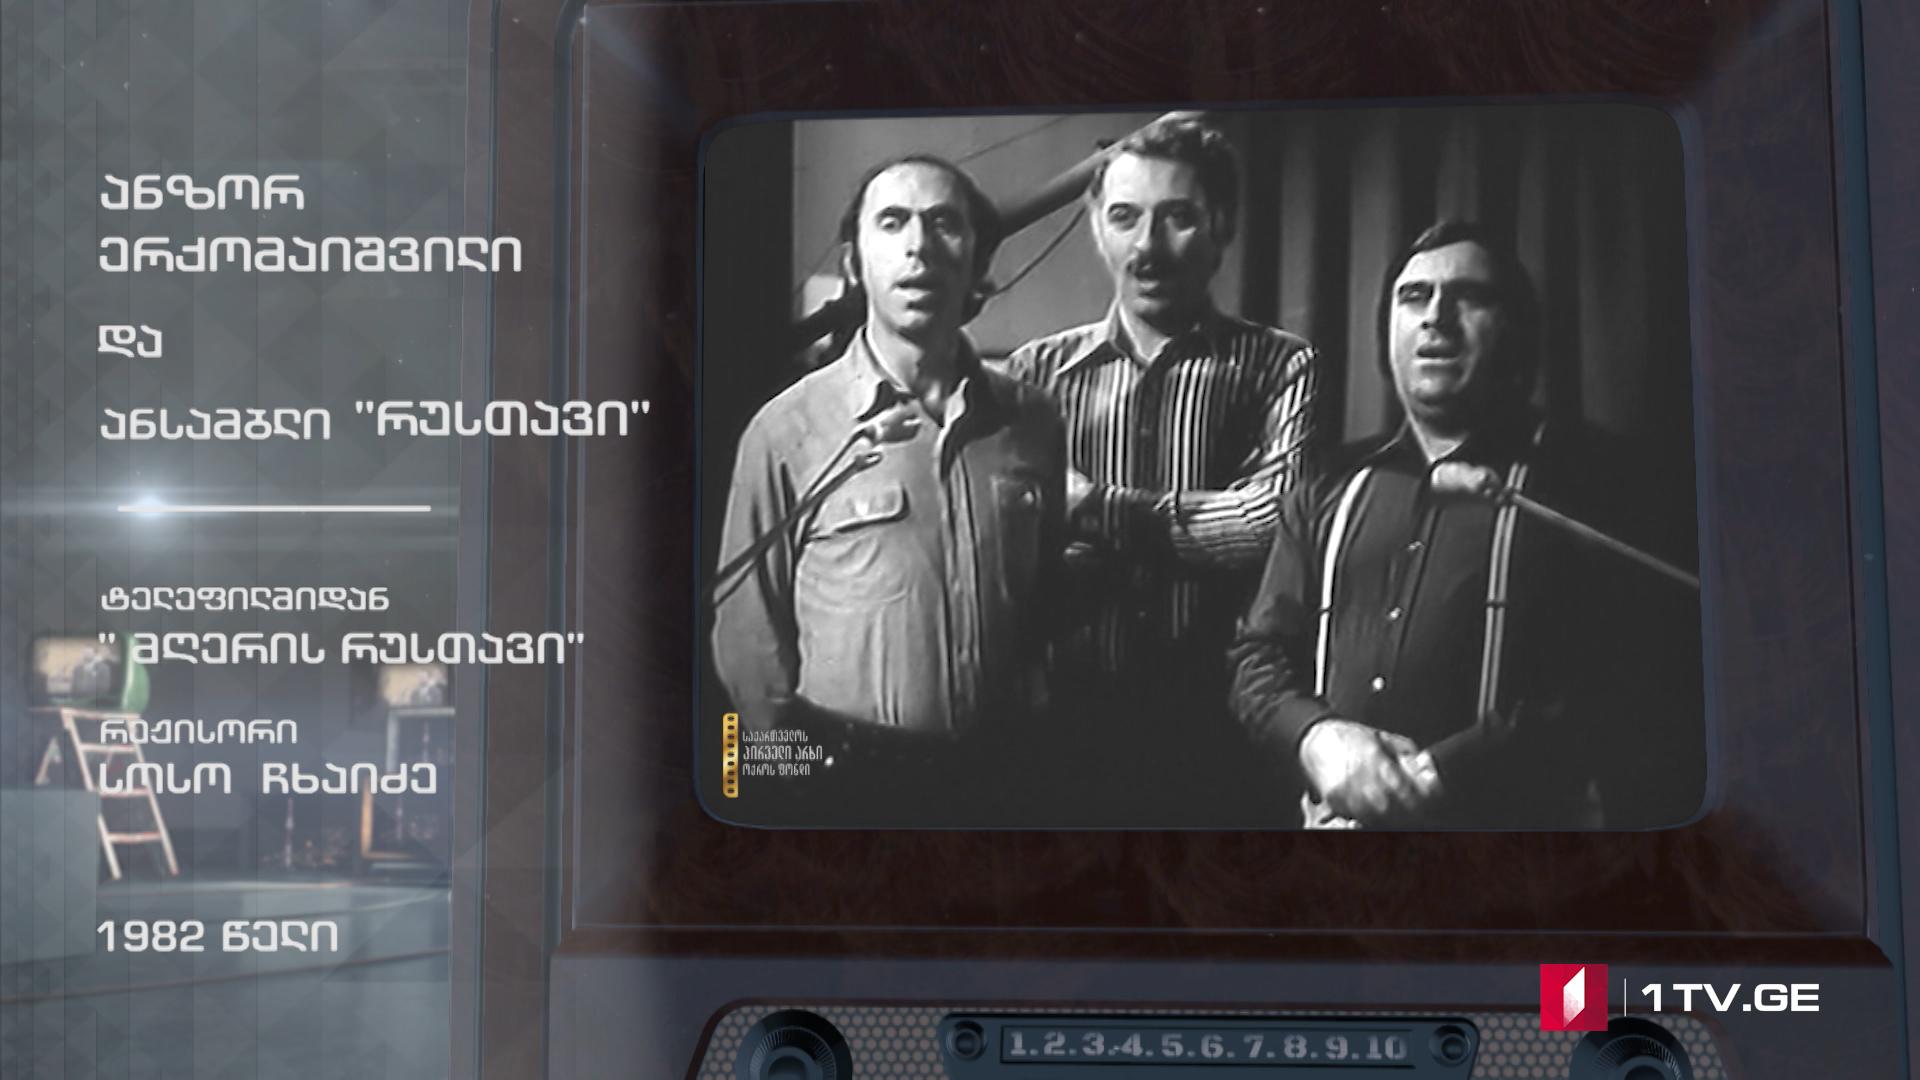 """#ტელემუზეუმი ანზორ ერქომაიშვილი და ანსამბლი """"რუსთავი"""", 1982 წლის ჩანაწერი"""